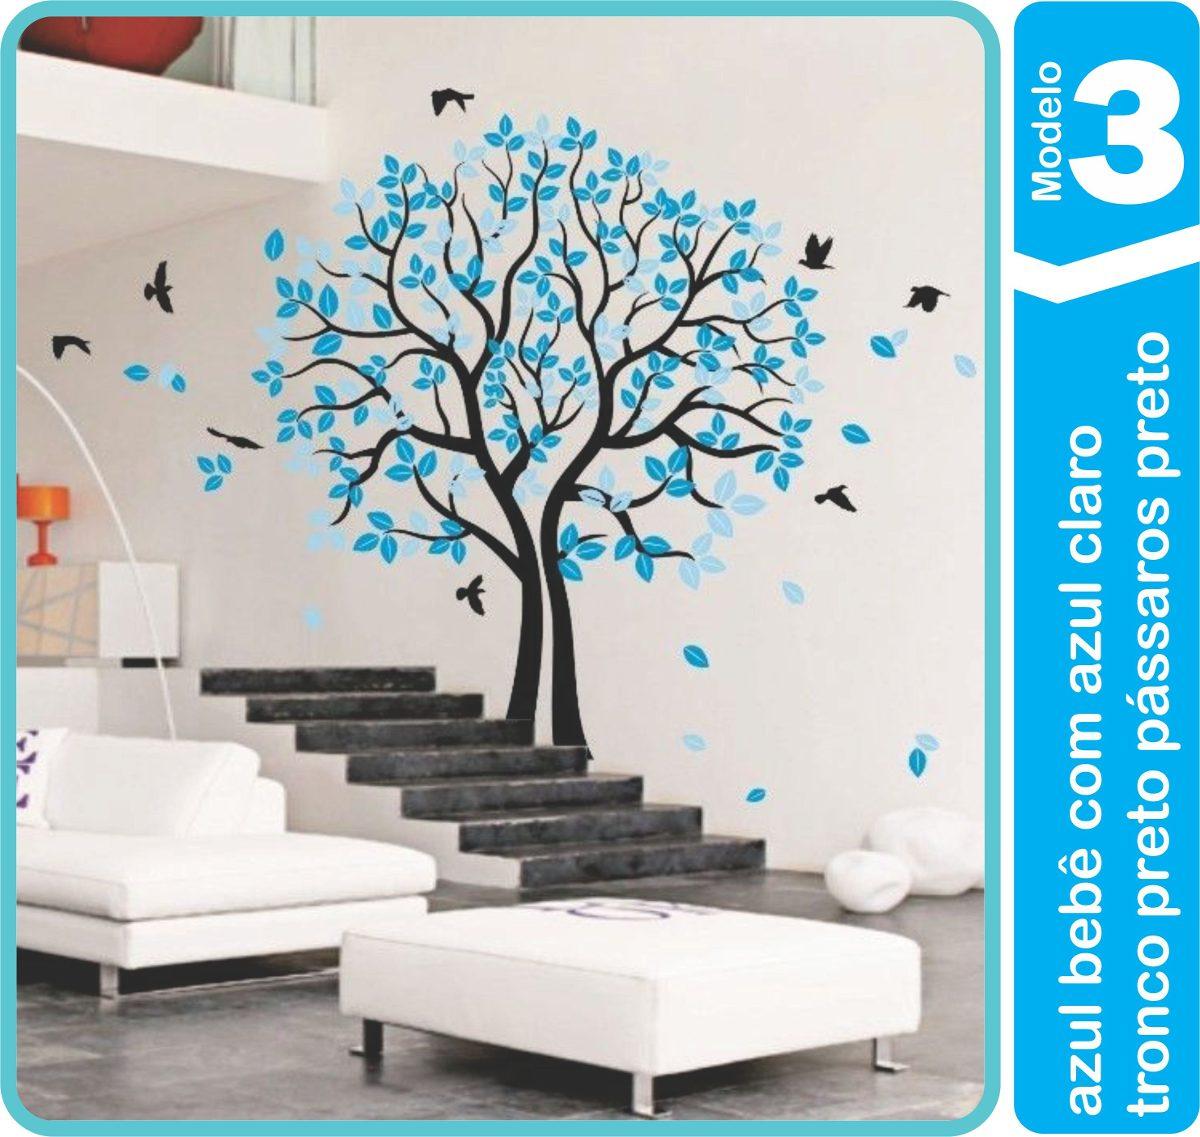 Armario Ikea Pax Roble ~ Adesivo ParedeÁrvore Pássaros Galhos 2,40x2m Decoraç u00e3o R$ 125,00 em Mercado Livre